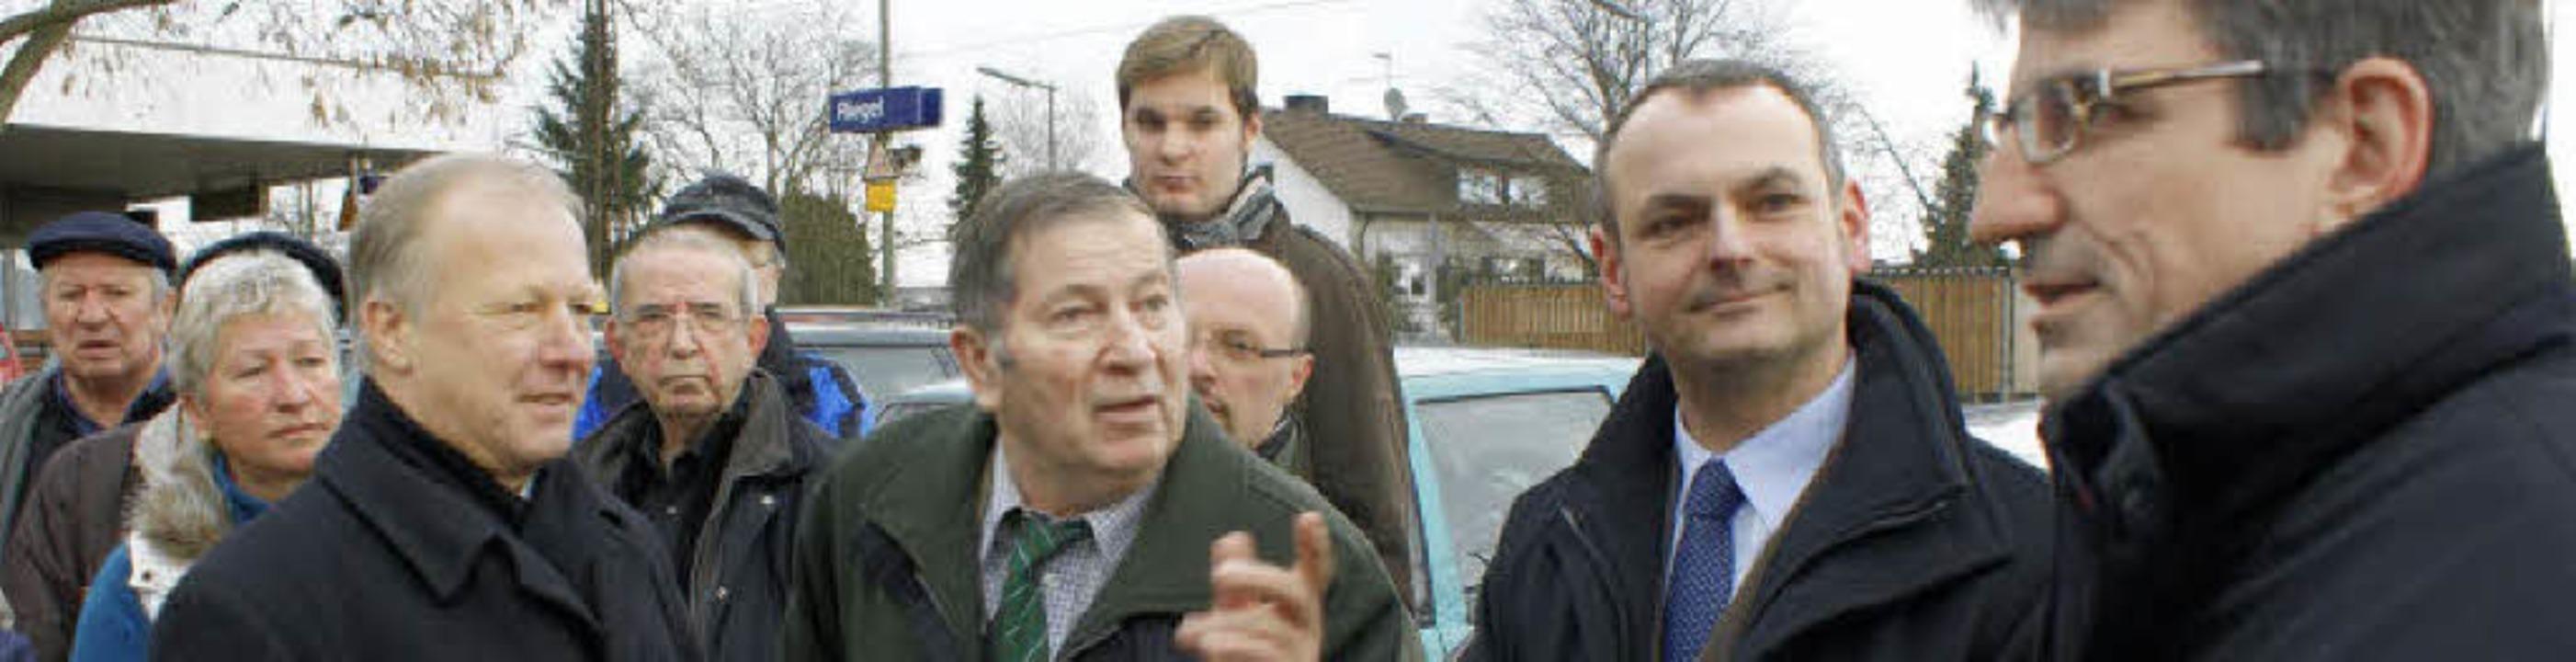 Oliver Kraft (rechts) wird von Werner ...ete Peter Weiß (3. von links) hört zu.  | Foto: hans-jürgen truöl